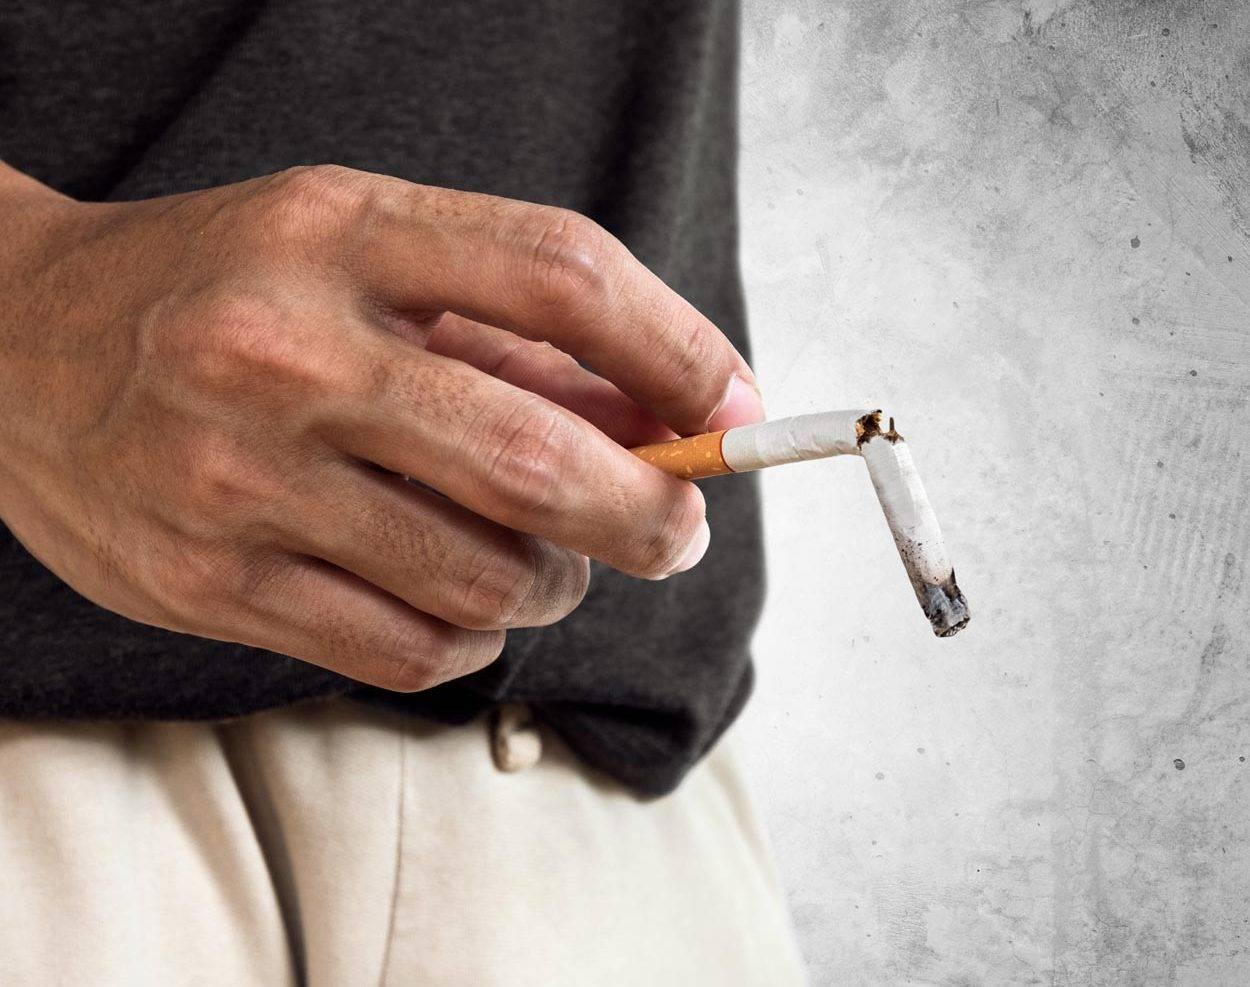 Можно курить при простатите как правильно выполнять упражнения кегеля при простатите